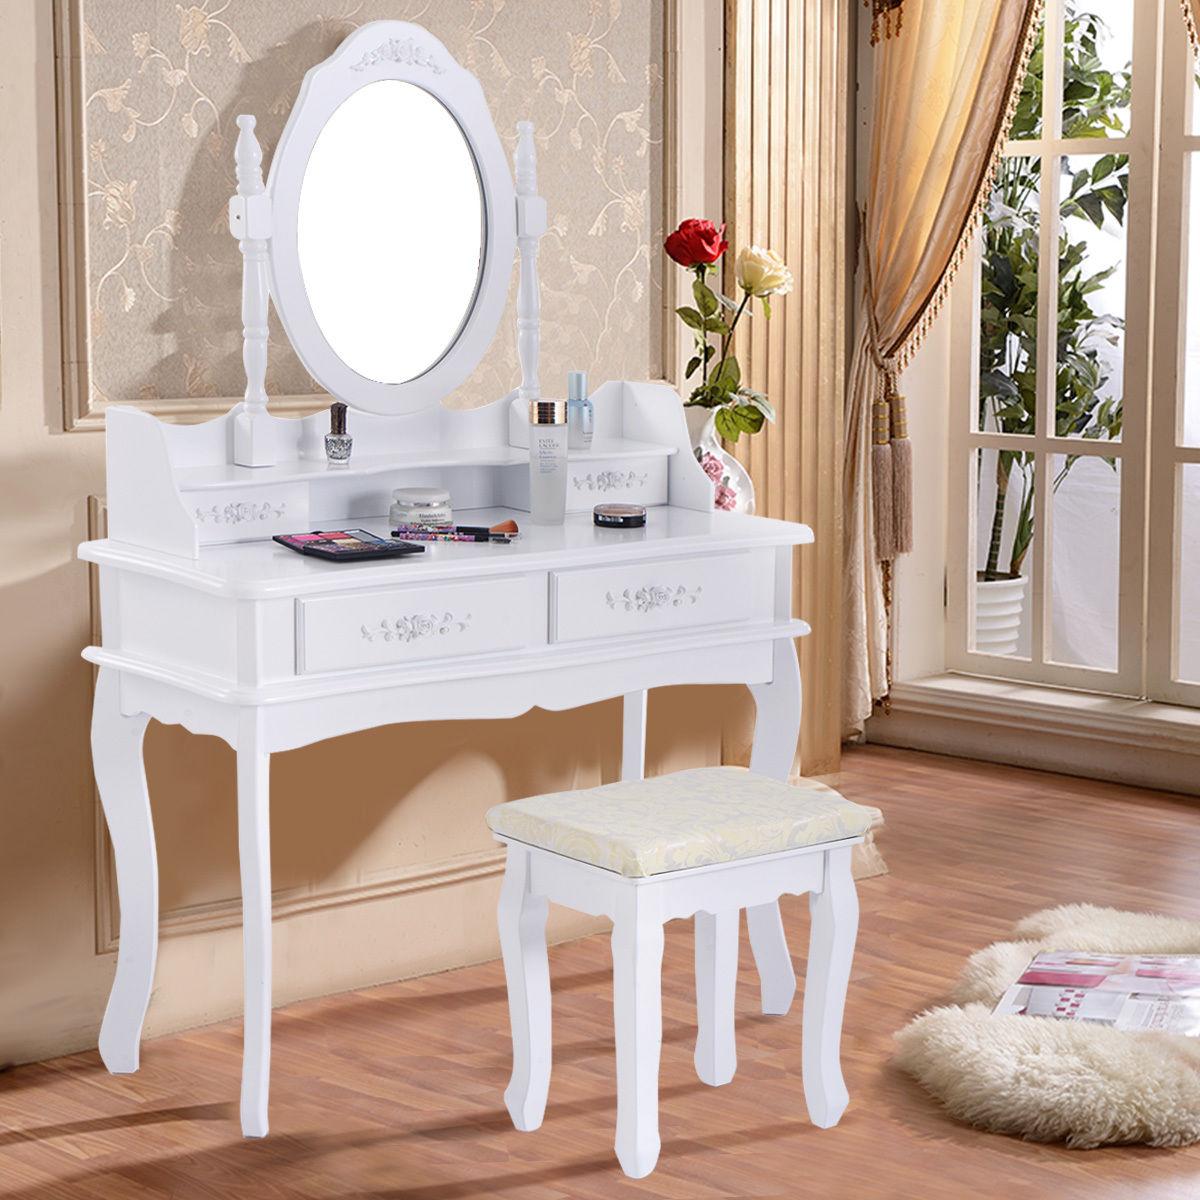 Costway White Vanity Jewelry Makeup Dressing Table Set bathroom W/Stool 4 Drawer Mirror Wood Desk